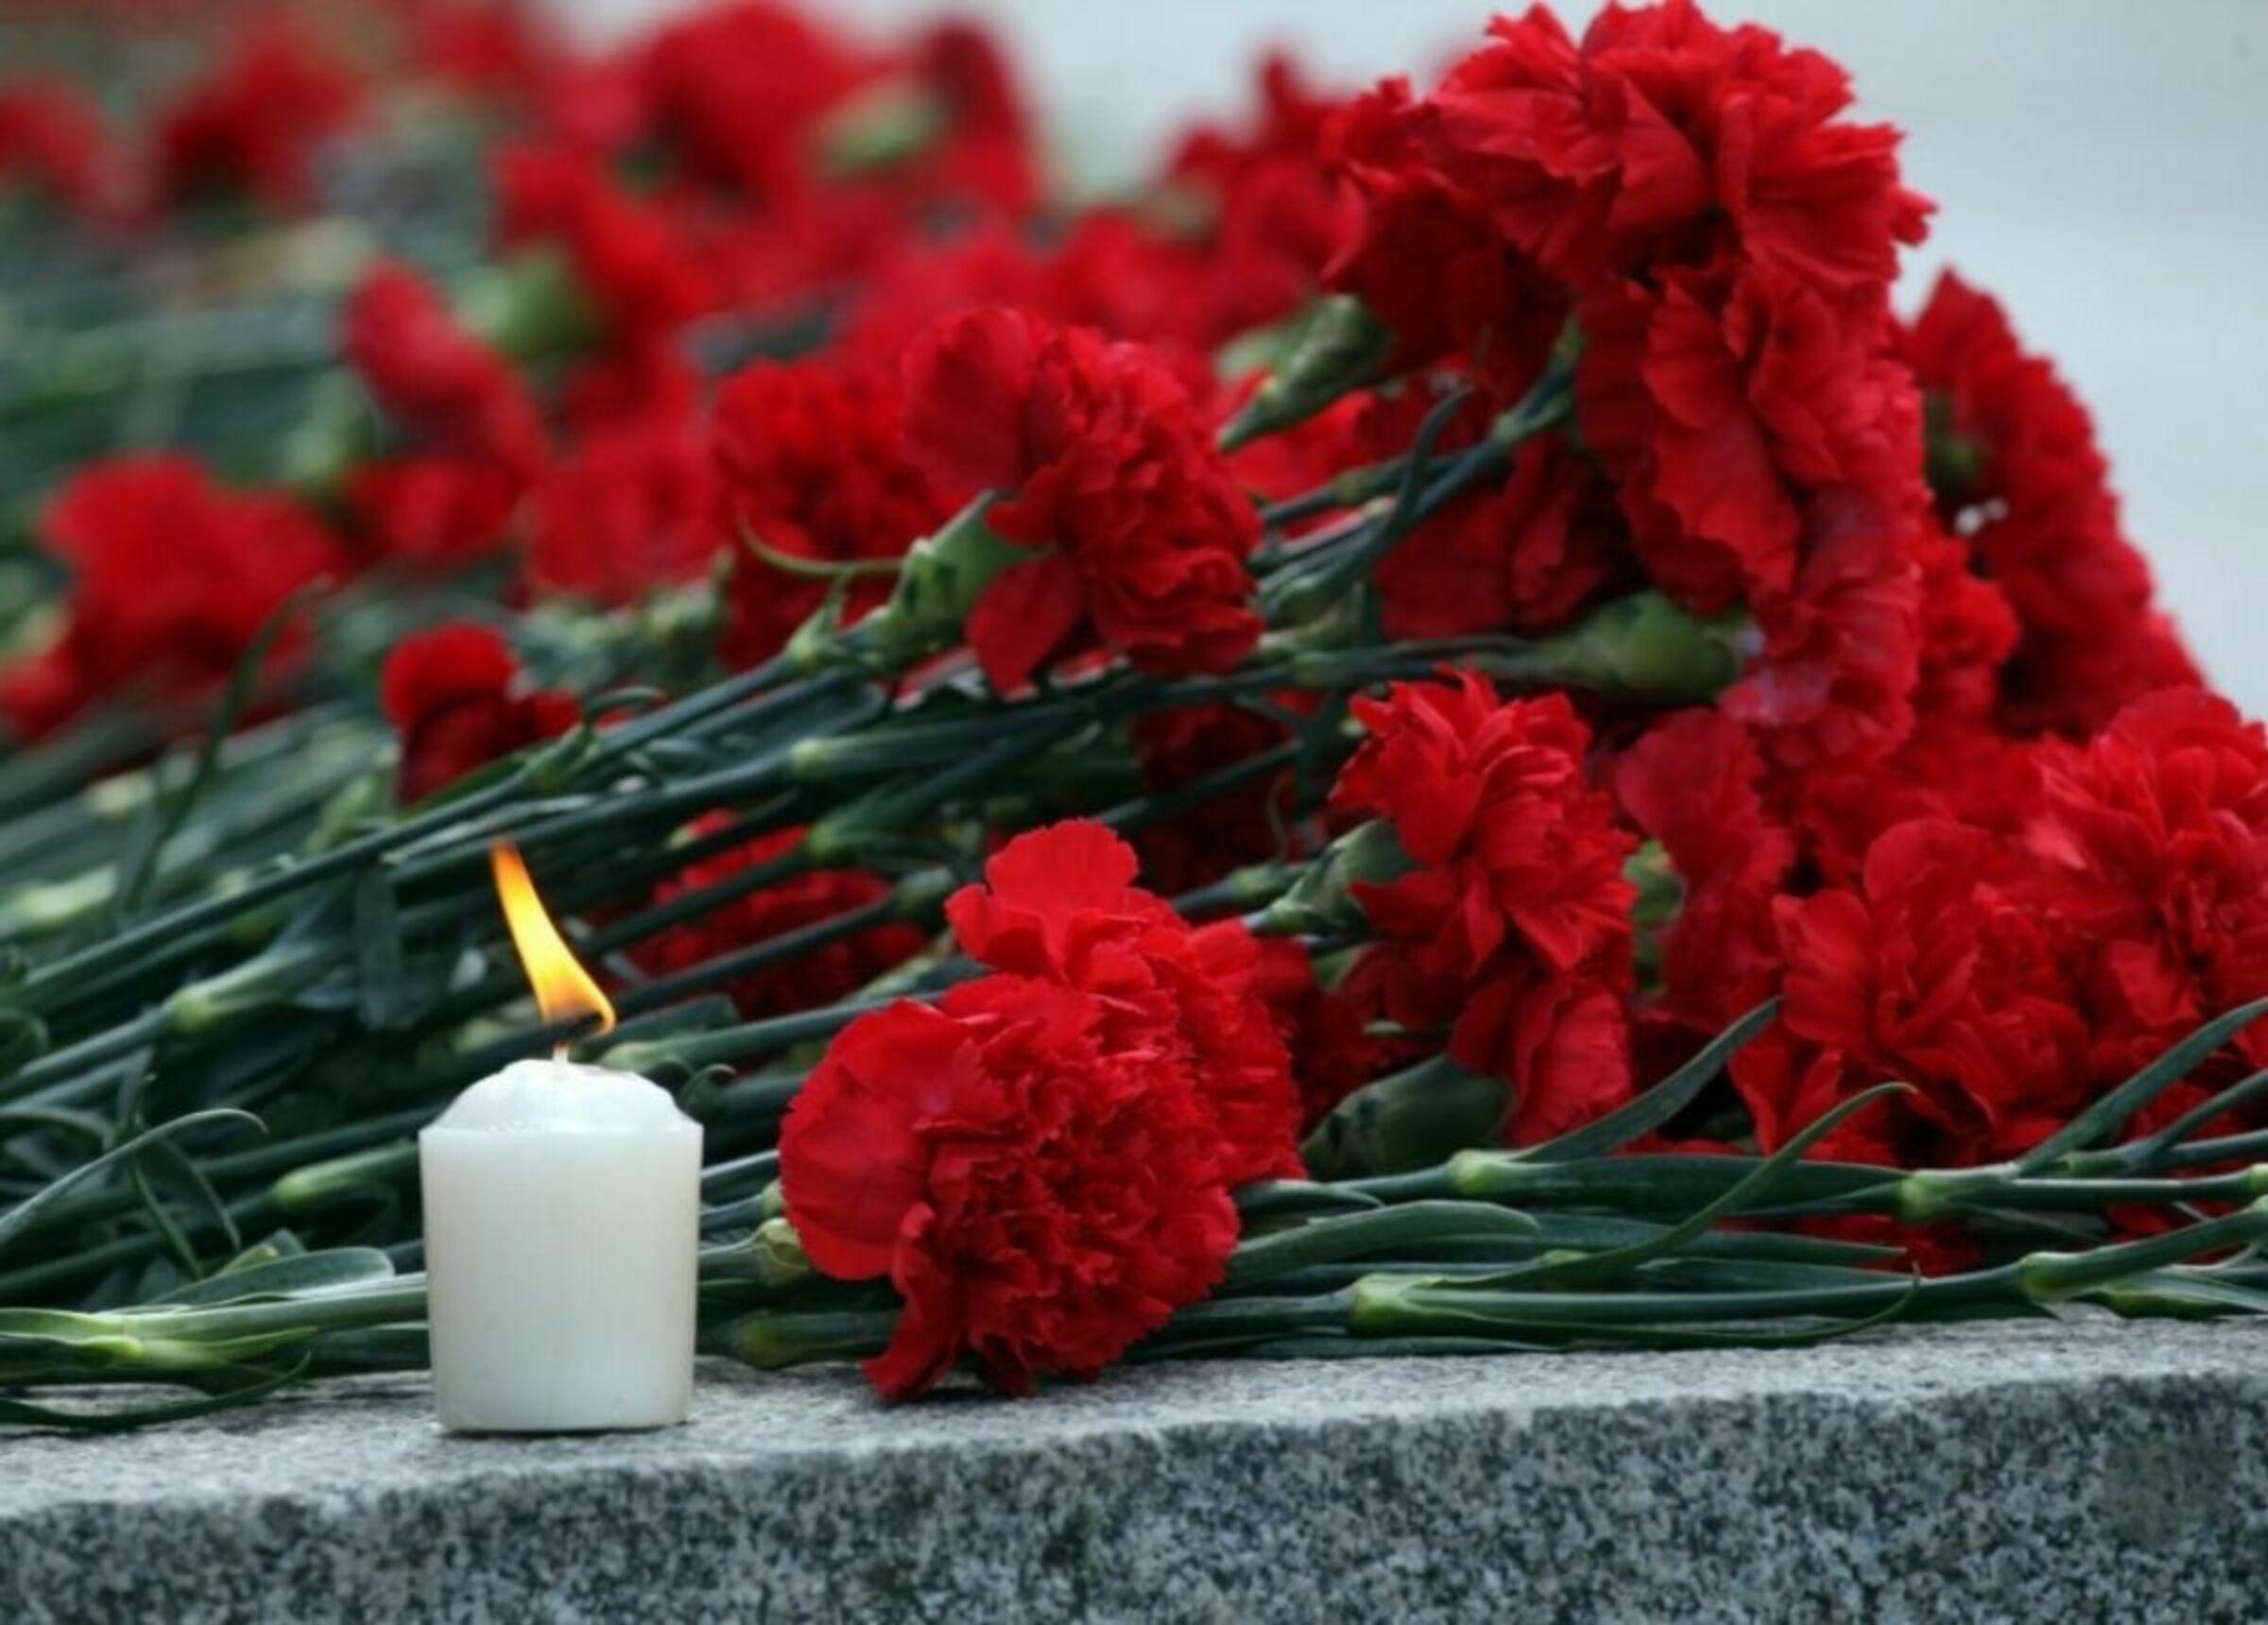 21 октября - День траура по погибшим в результате прорыва дамбы в Курагинском районе